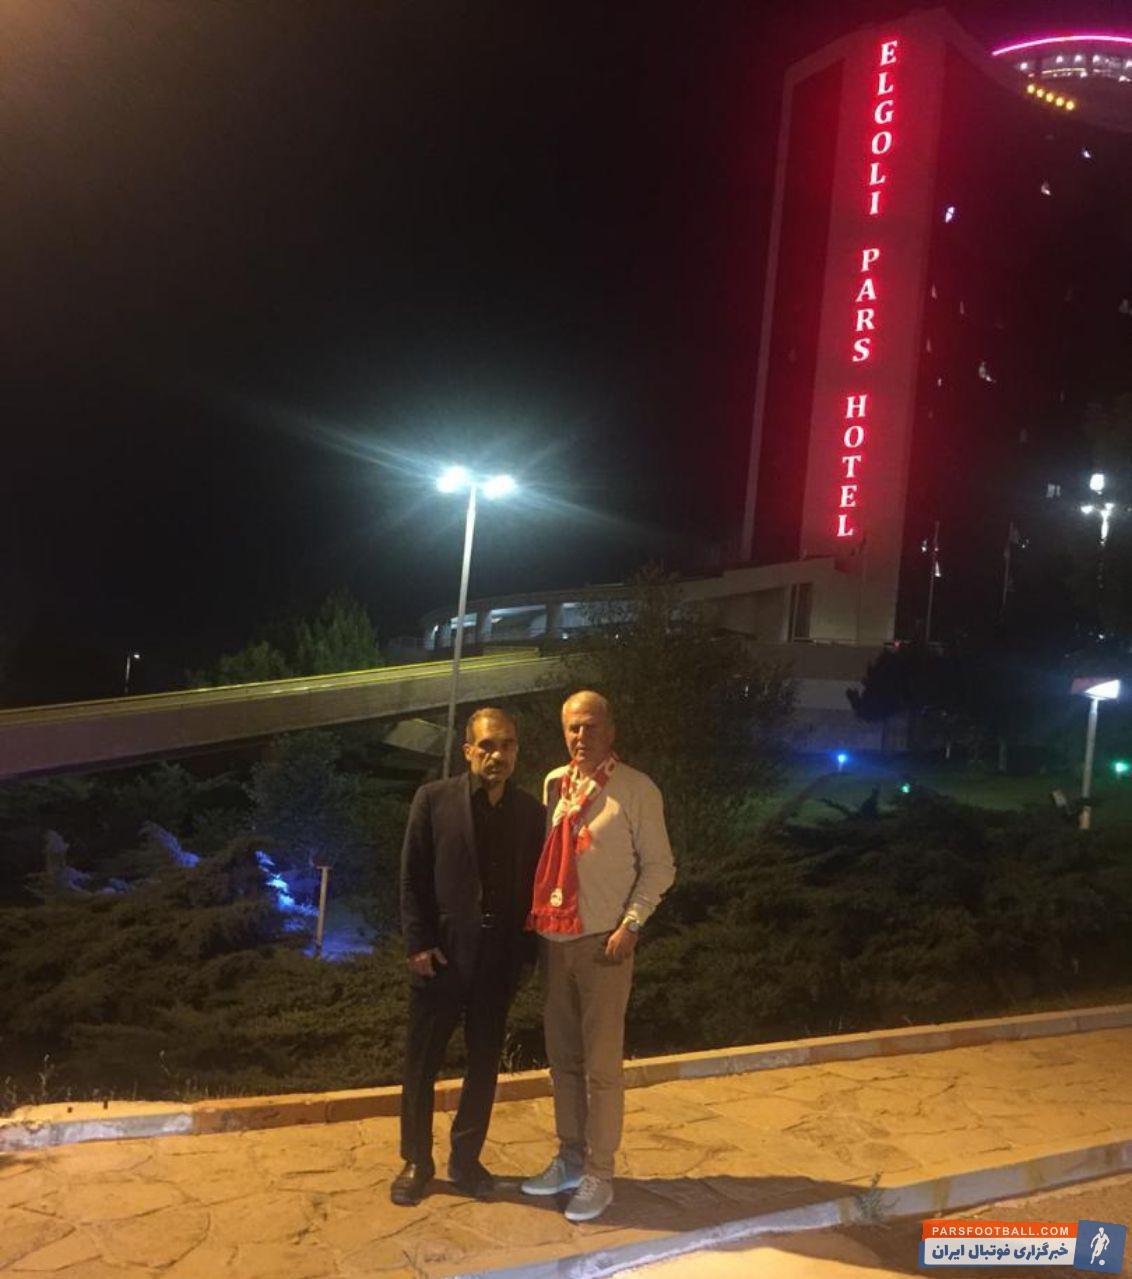 مصطفی دنیزلی  روز پنجشنبه قرارداد یکساله اش را با محمدرضا زنوزی مالک این باشگاه به امضا رسانده بود دنیزلی  دوشنبه شب استانبول را به مقصد تبریز ترک کرد.